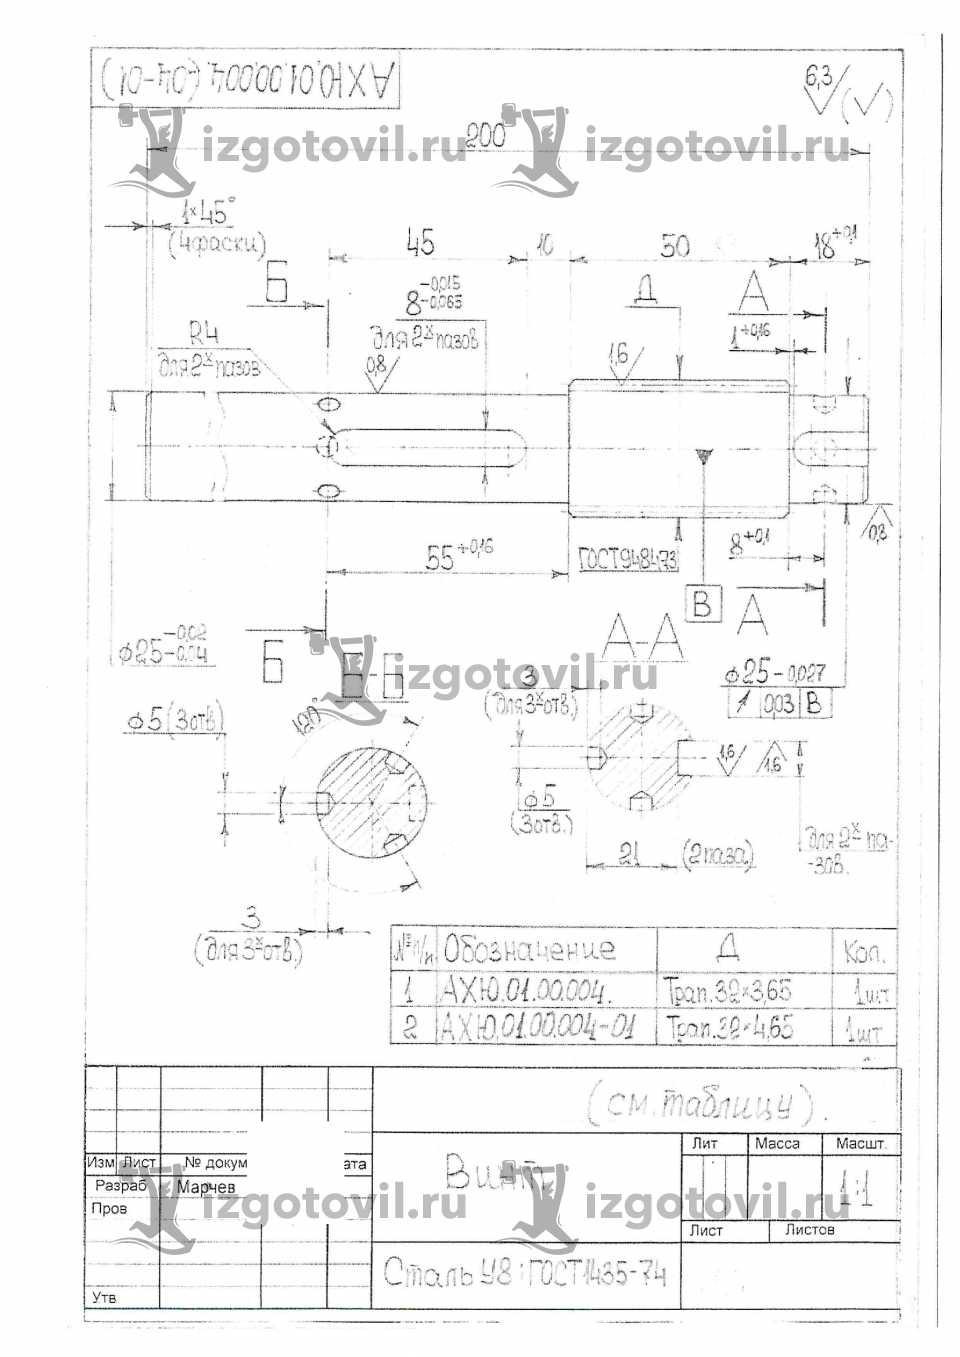 Токарная обработка ЧПУ - изготовить метизы